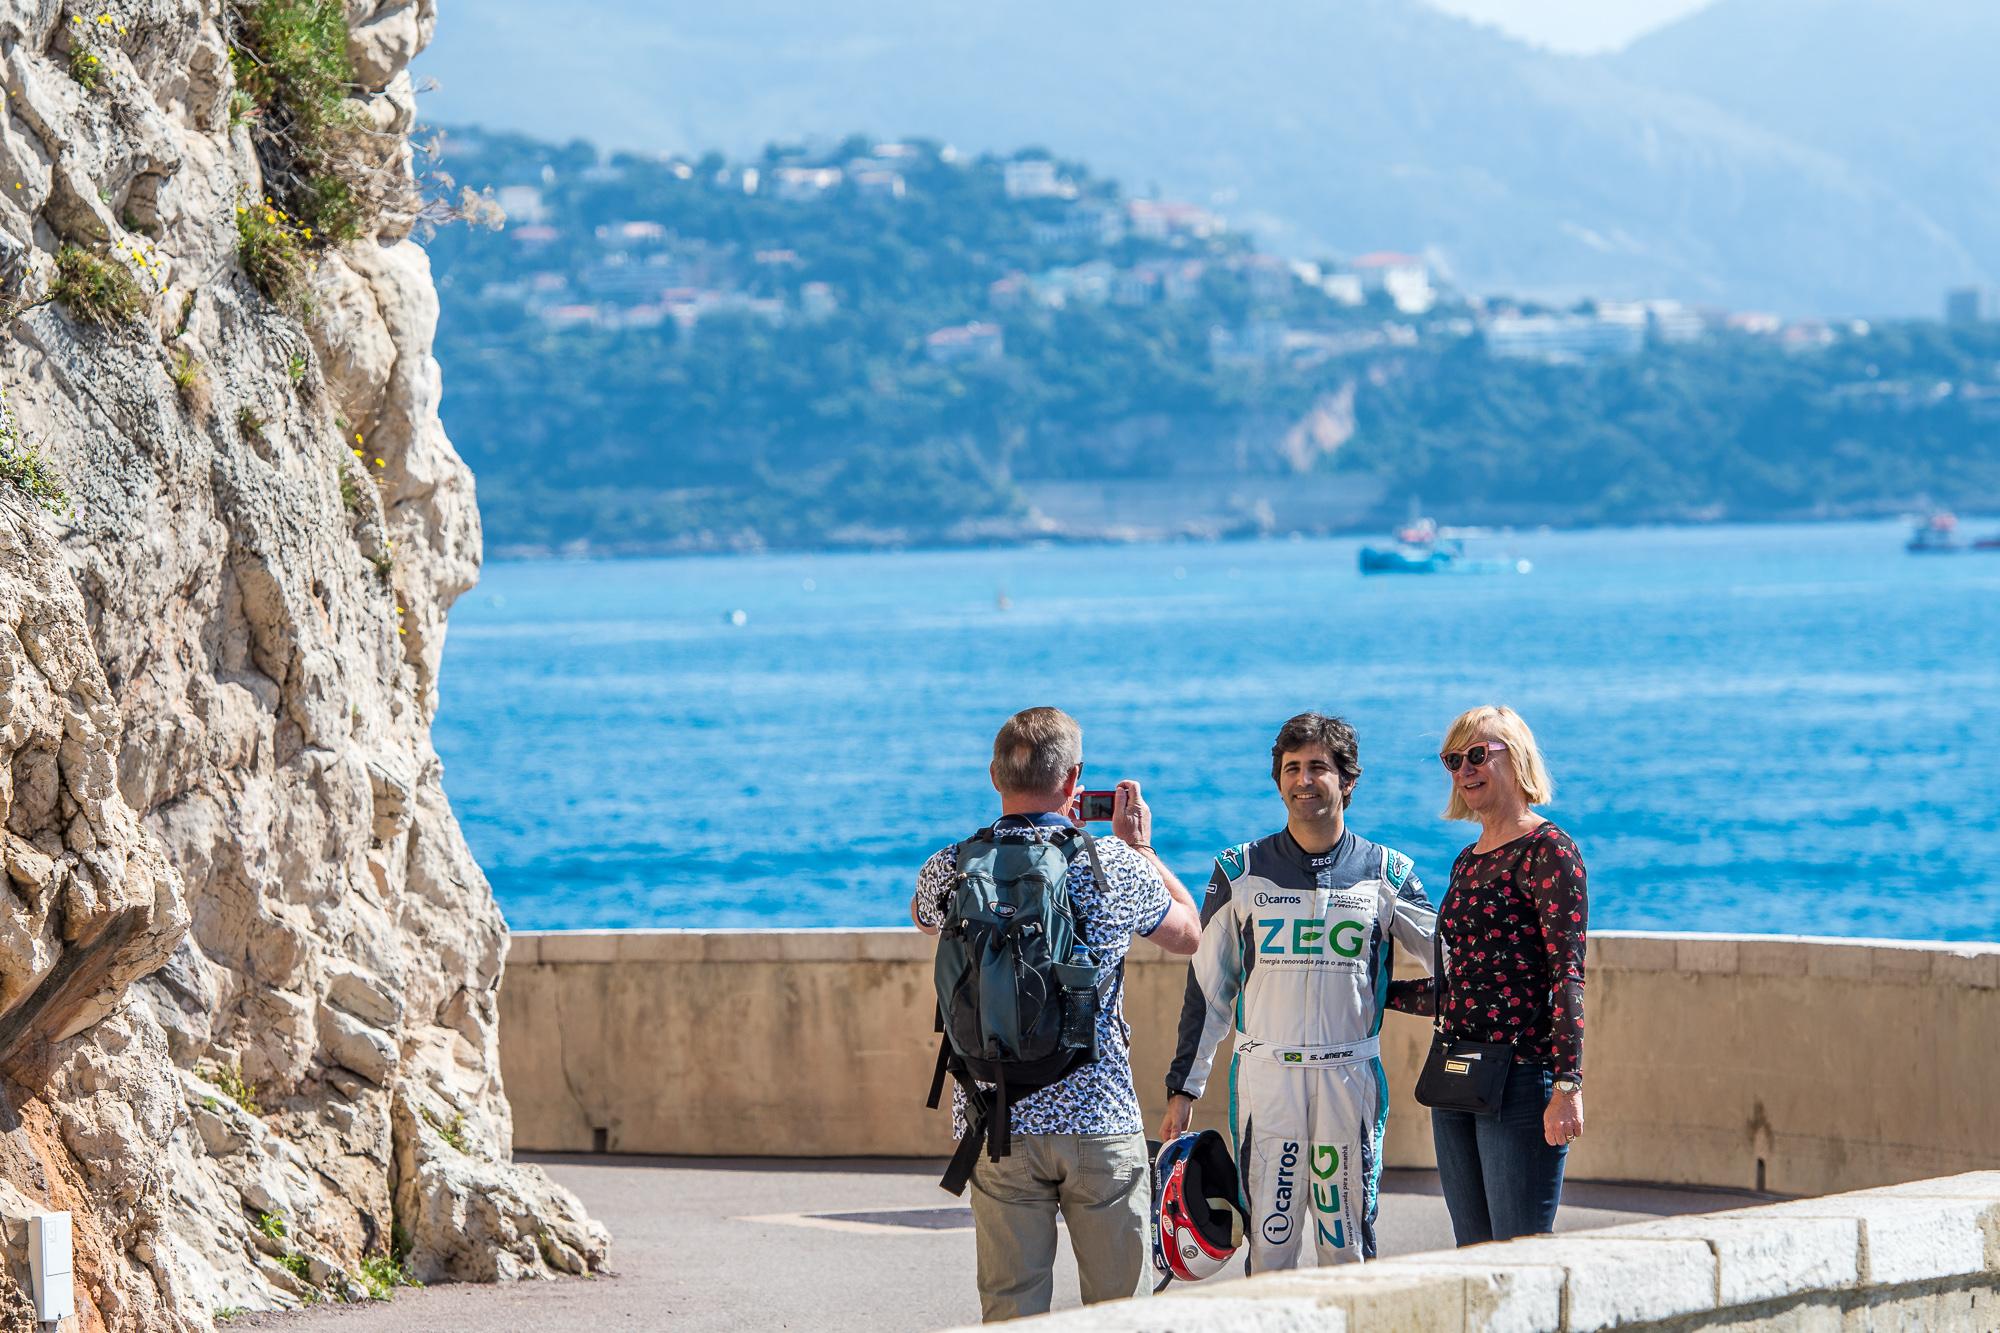 Jaguar_7.Monaco_josemariodias_01048